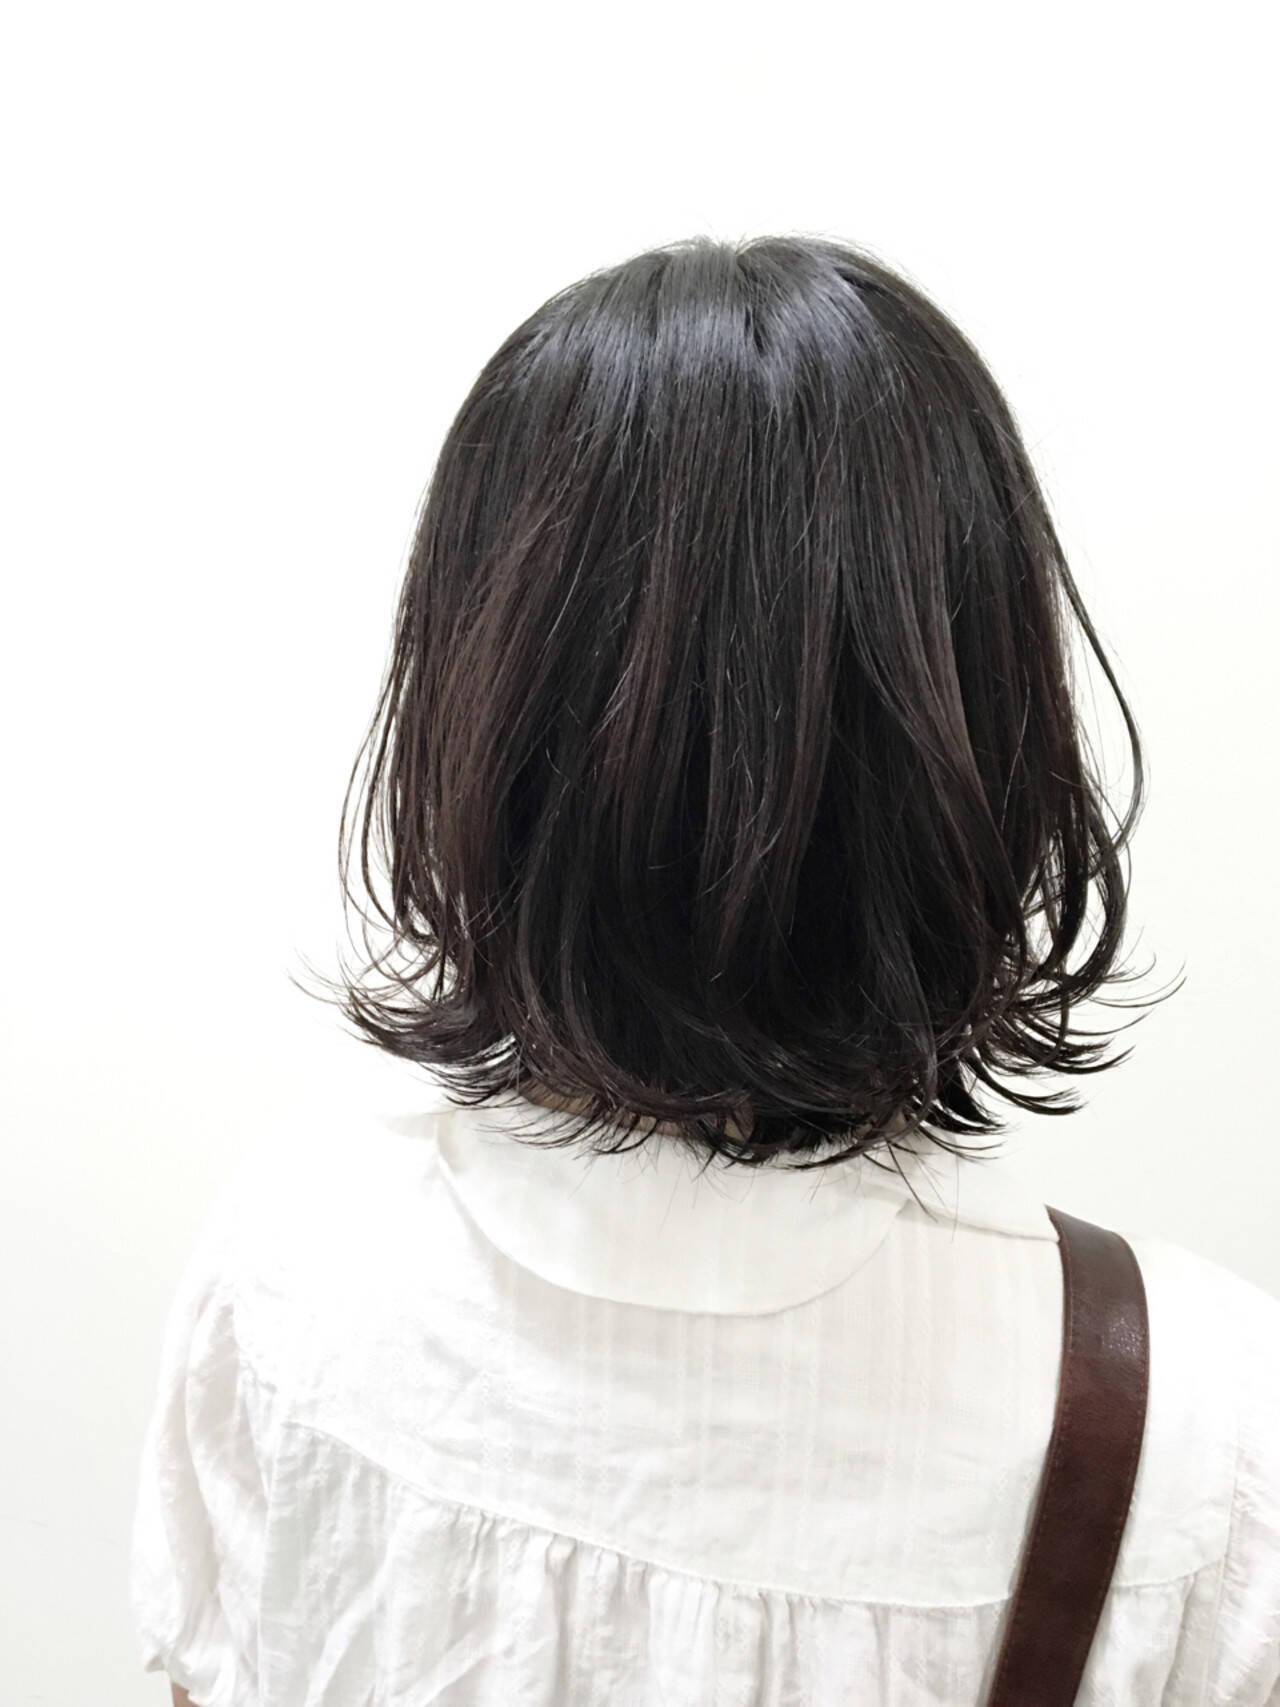 ストリート 黒髪 ボブ ウェットヘアヘアスタイルや髪型の写真・画像